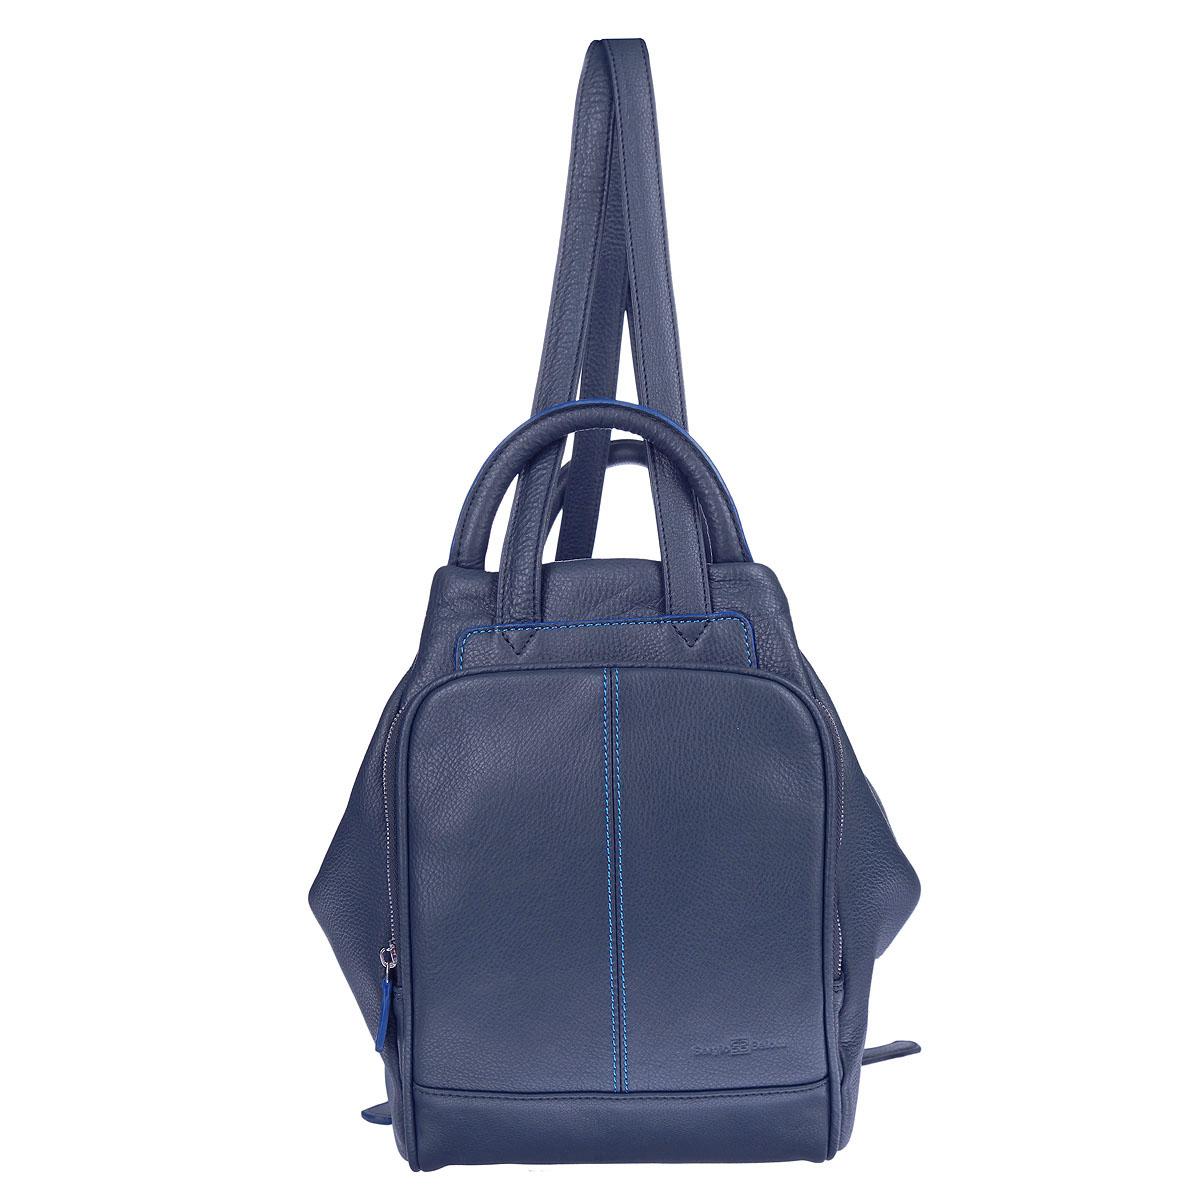 Рюкзак мужской Sergio Belotti, цвет: синий. 9815PFCB-UT1-392Универсальный мужской рюкзак Sergio Belotti выполнен из натуральной кожи.Рюкзак содержит одно основное отделение, закрывающееся на застежку-молнию. Внутри размещены два вшитых кармана на молниях. Снаружи изделие дополнено накладным карманом на молнии, внутри которого размещены еще два накладных кармана. Рюкзак оснащен регулируемыми плечевыми лямками и дополнен удобными ручками.Такой стильный и в то же время, элегантный рюкзак - станет идеальным дополнением к вашему образу.